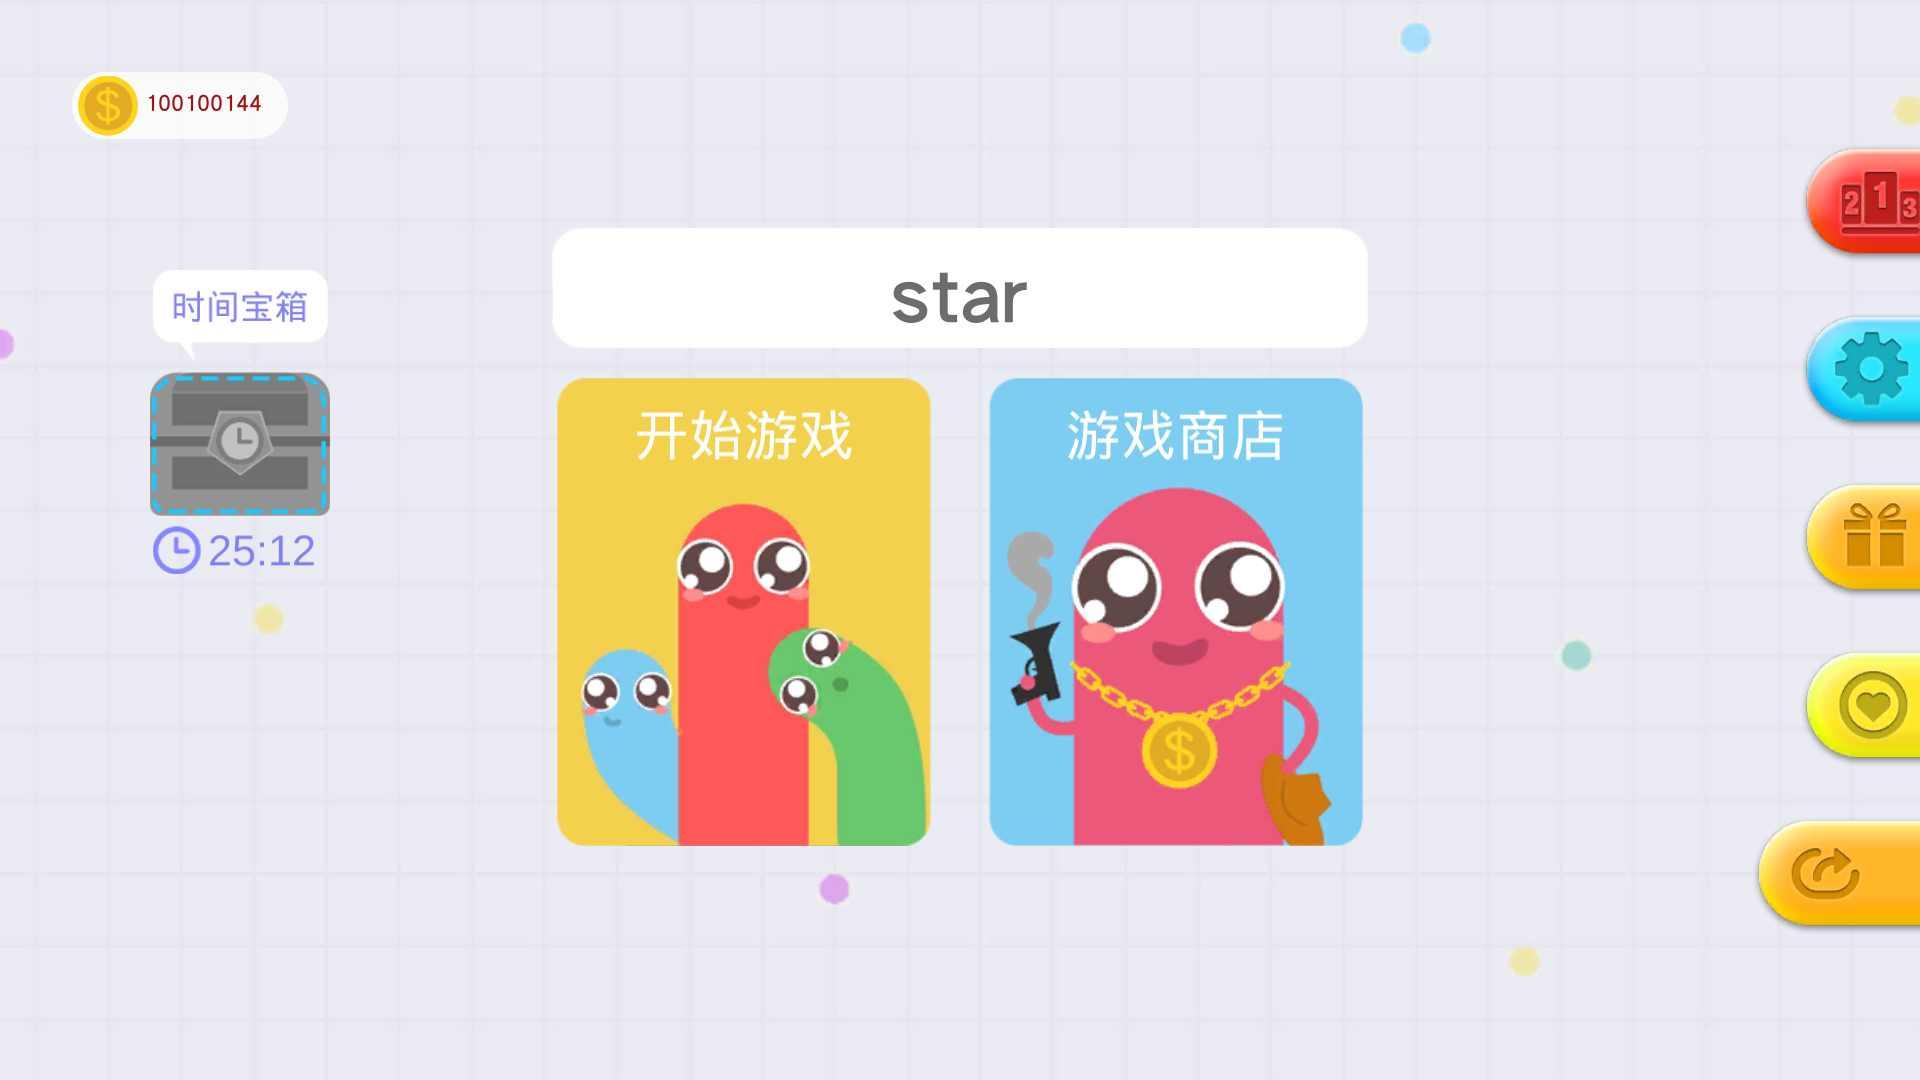 贪吃蛇大战_安卓手机游戏免费版下载_7723手机游戏